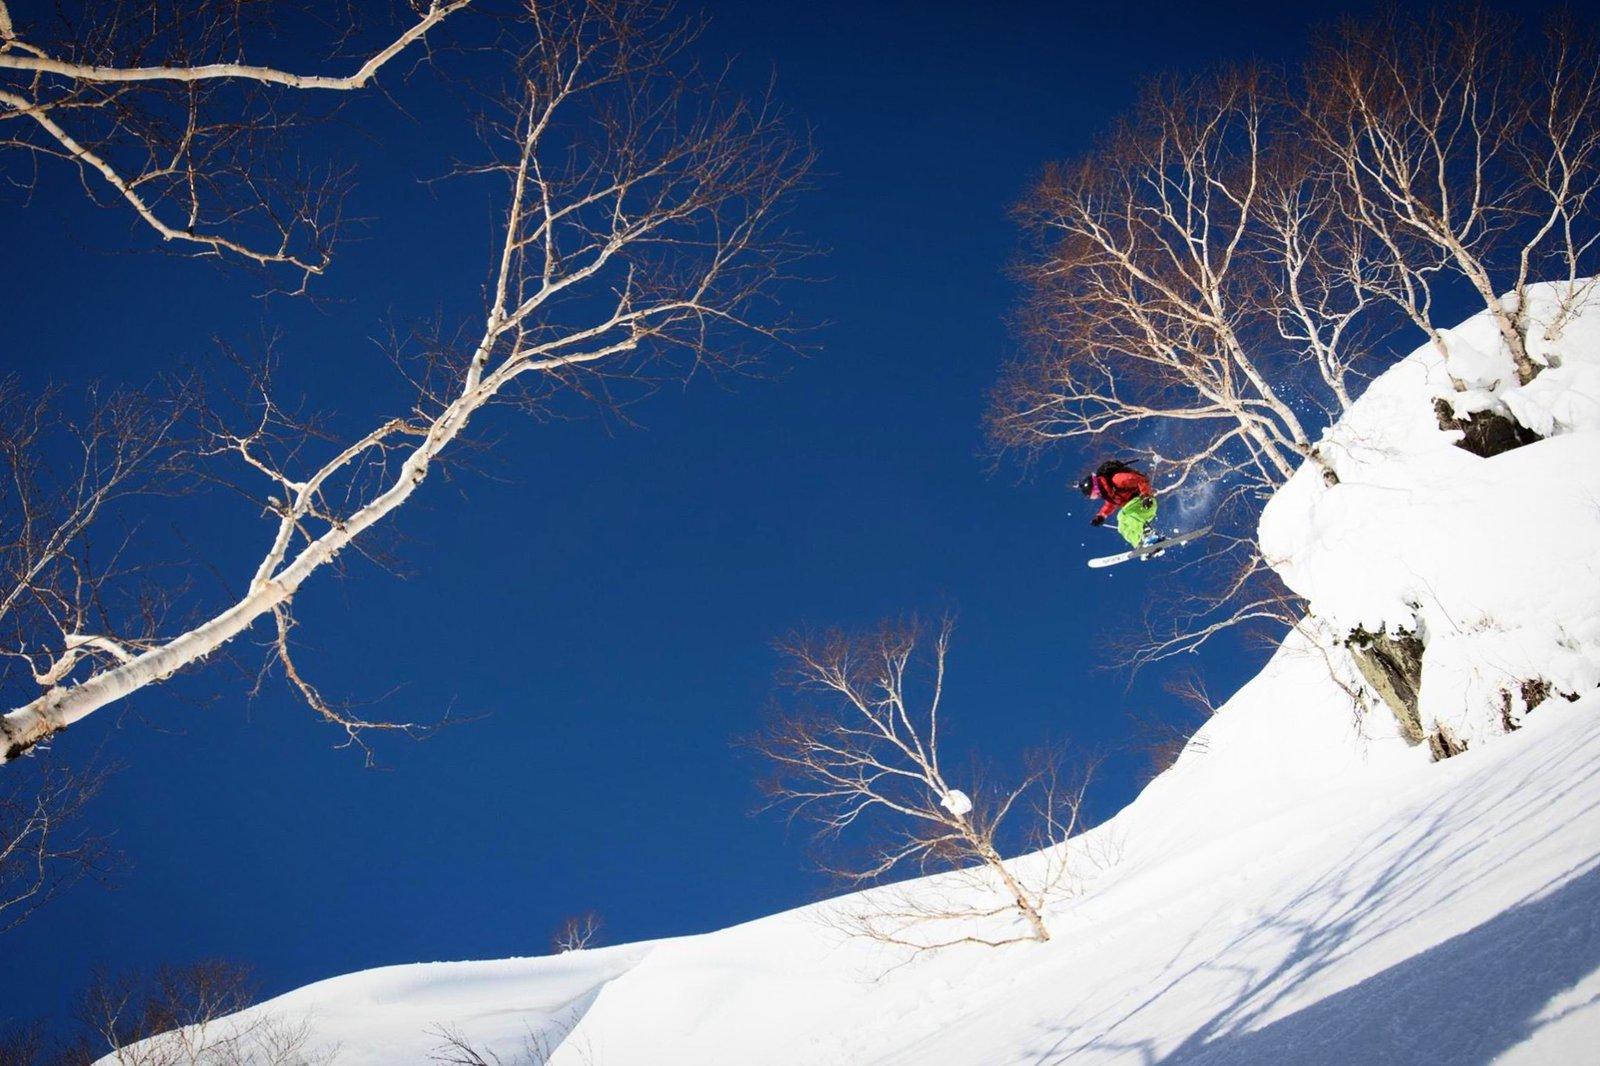 One ski to POW